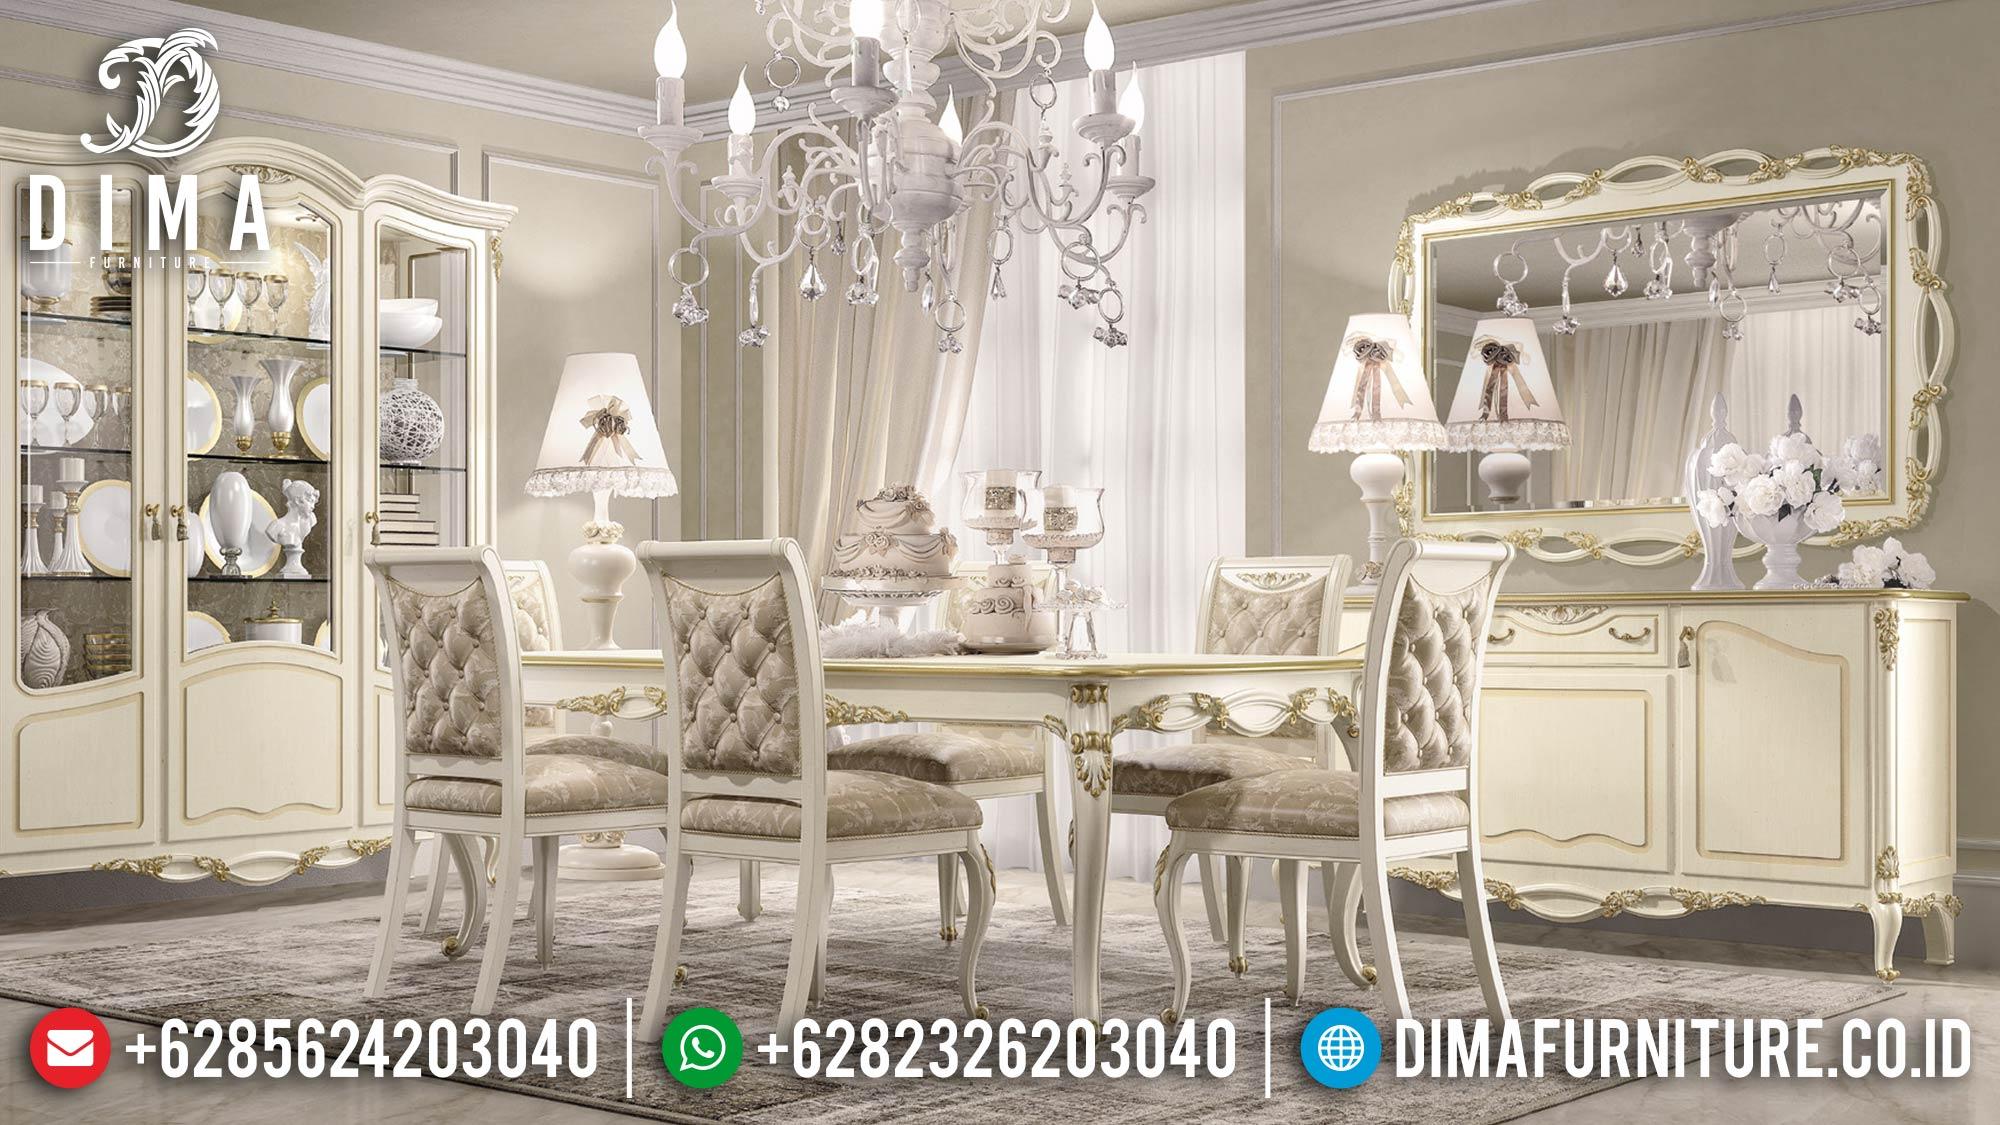 Desain Meja Makan Minimalis Mewah Elegant Set New Furniture Jepara TTJ-1579